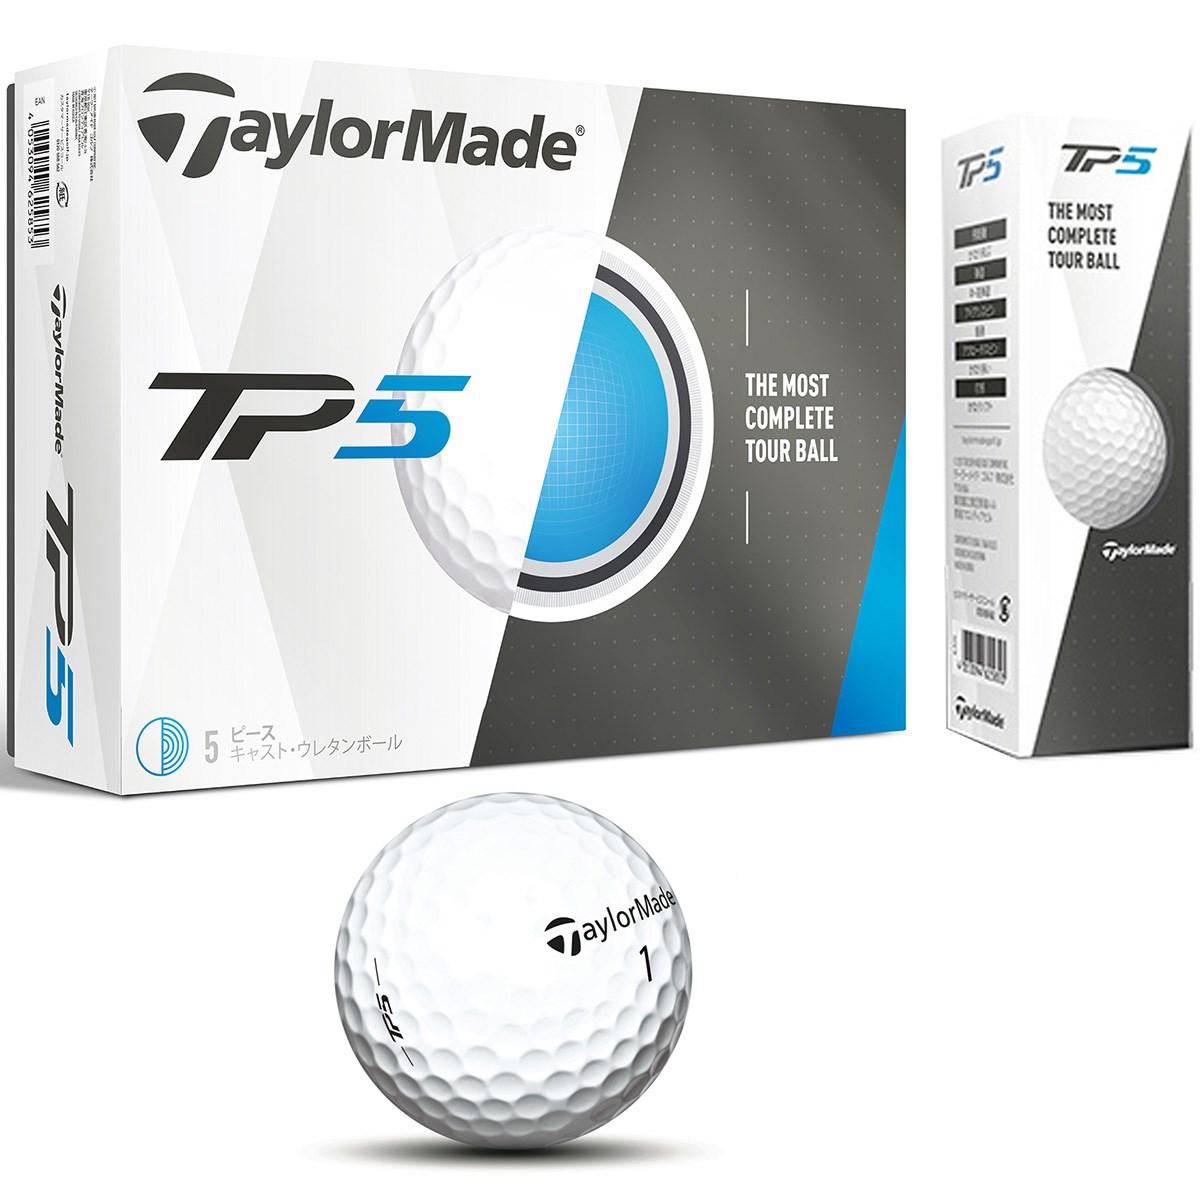 テーラーメイド(Taylor Made) TP5 ボール